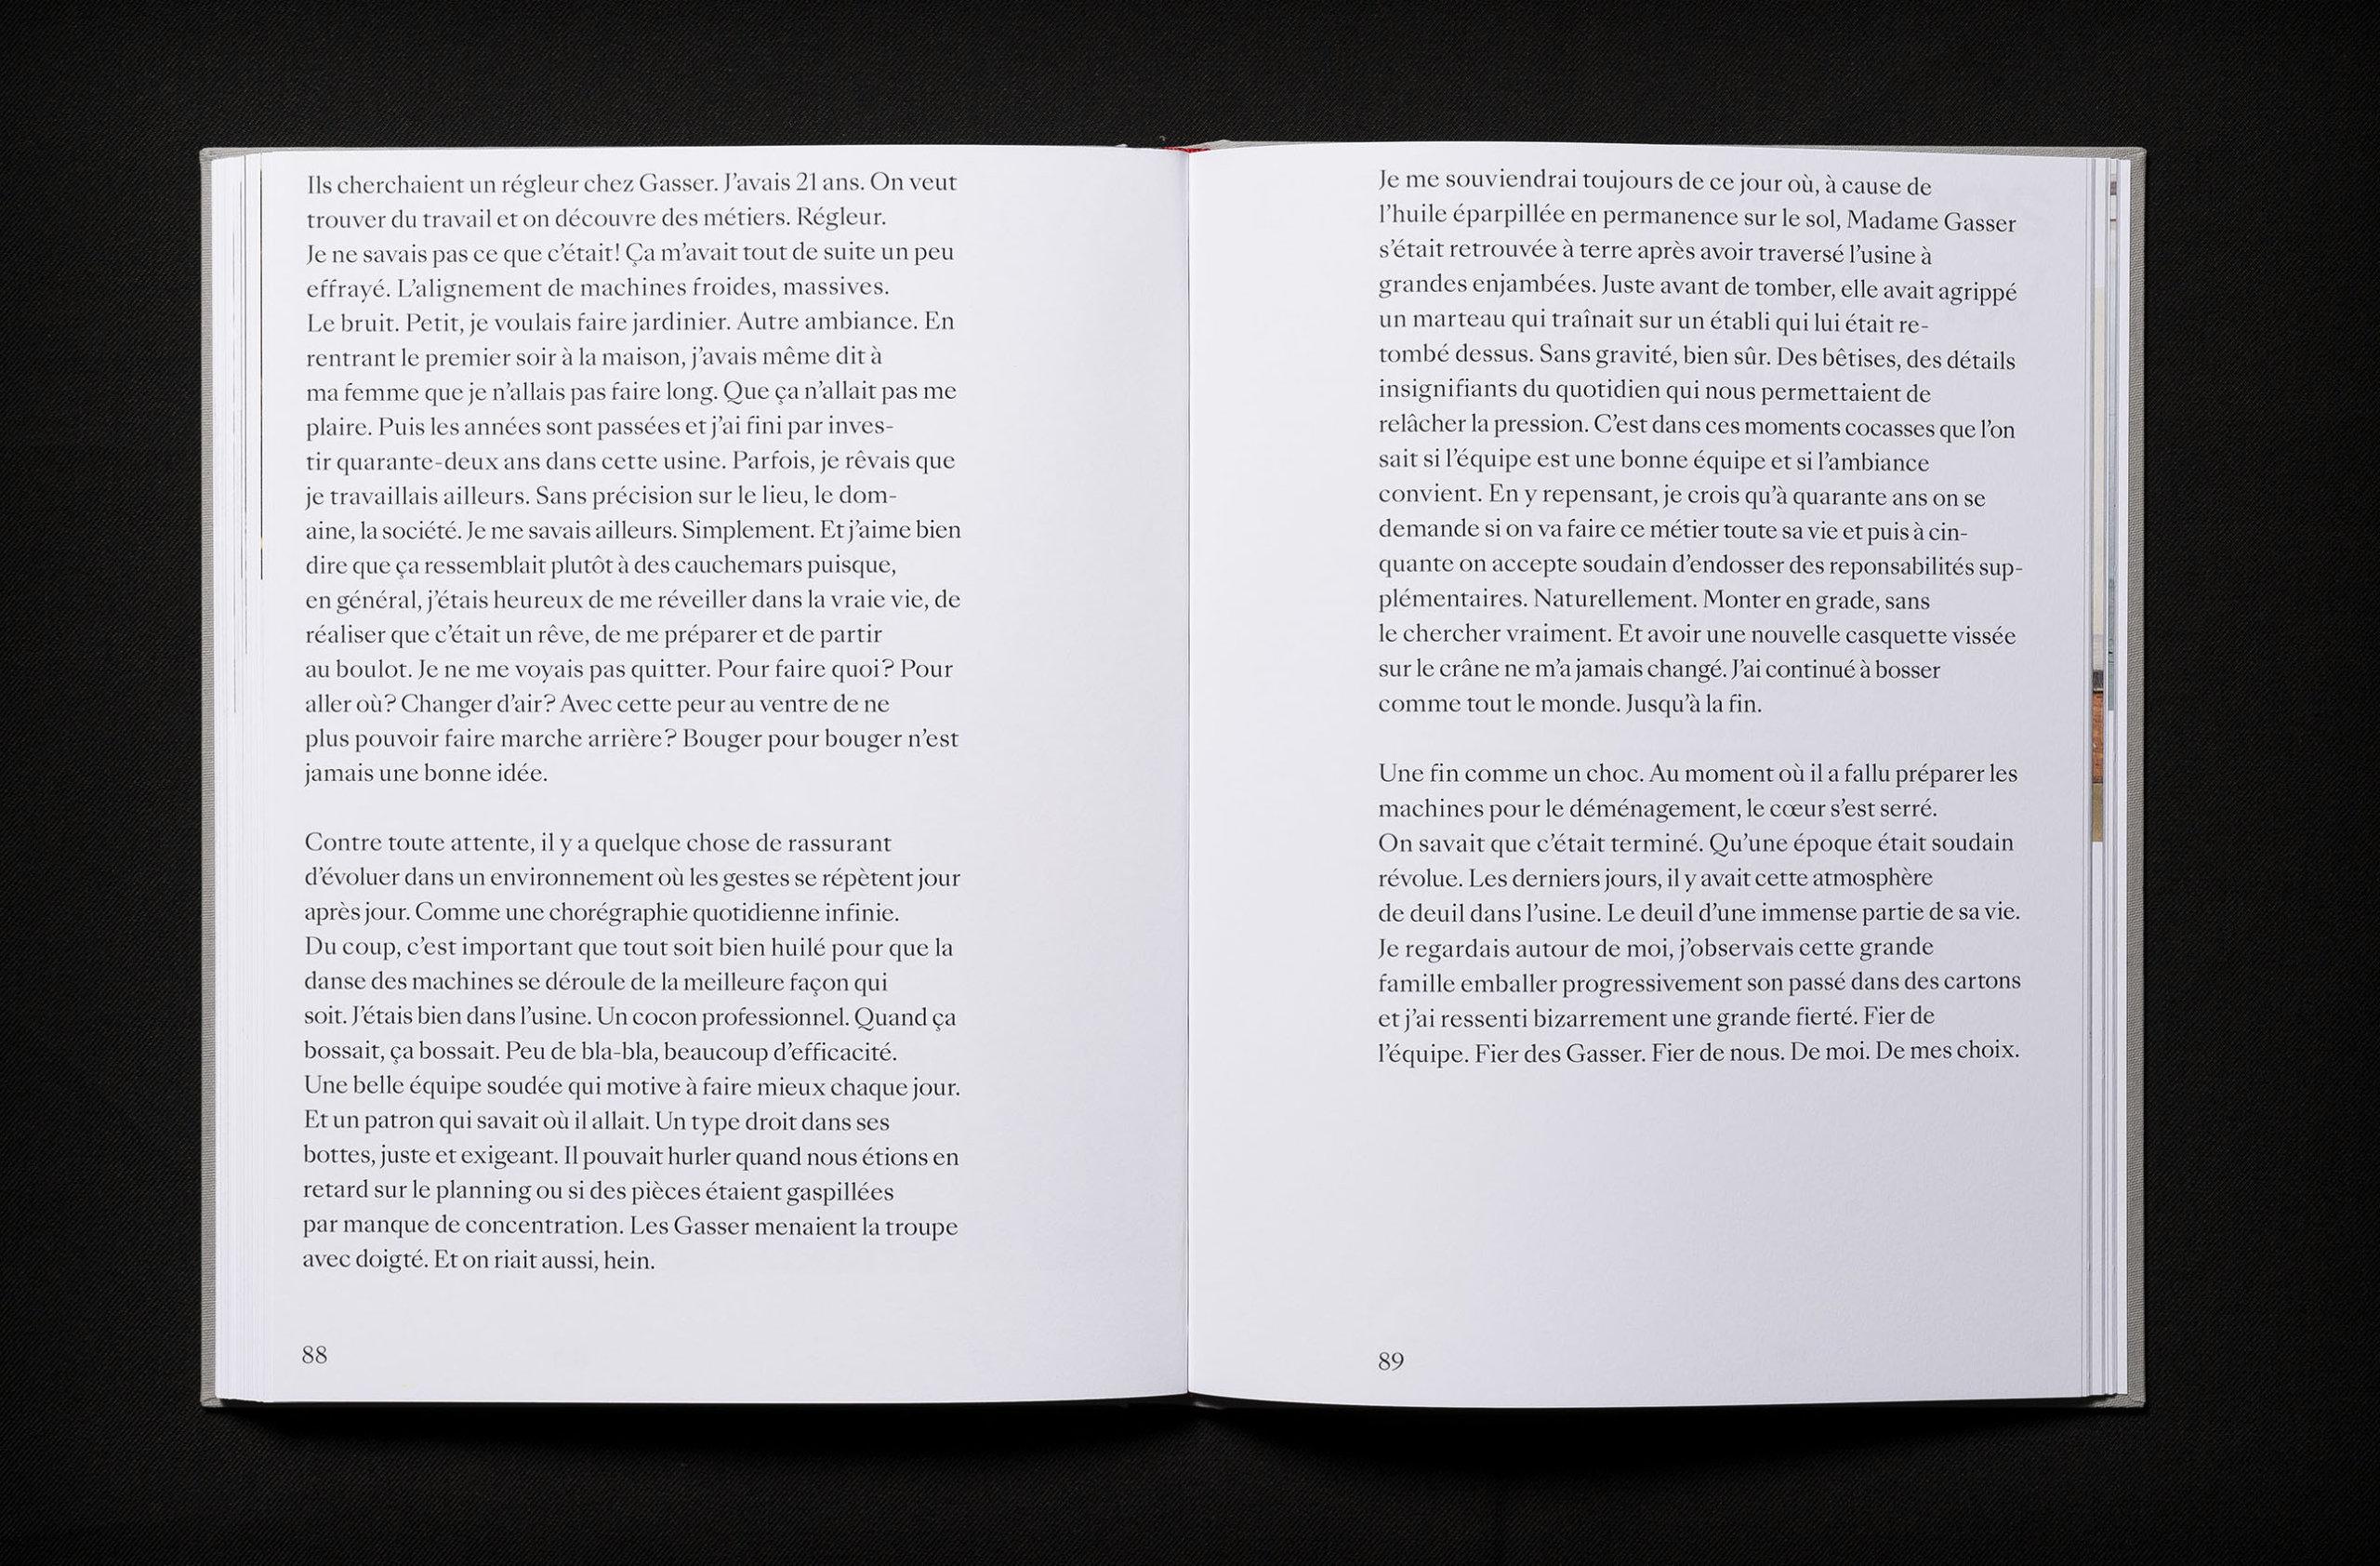 G-R_book_9